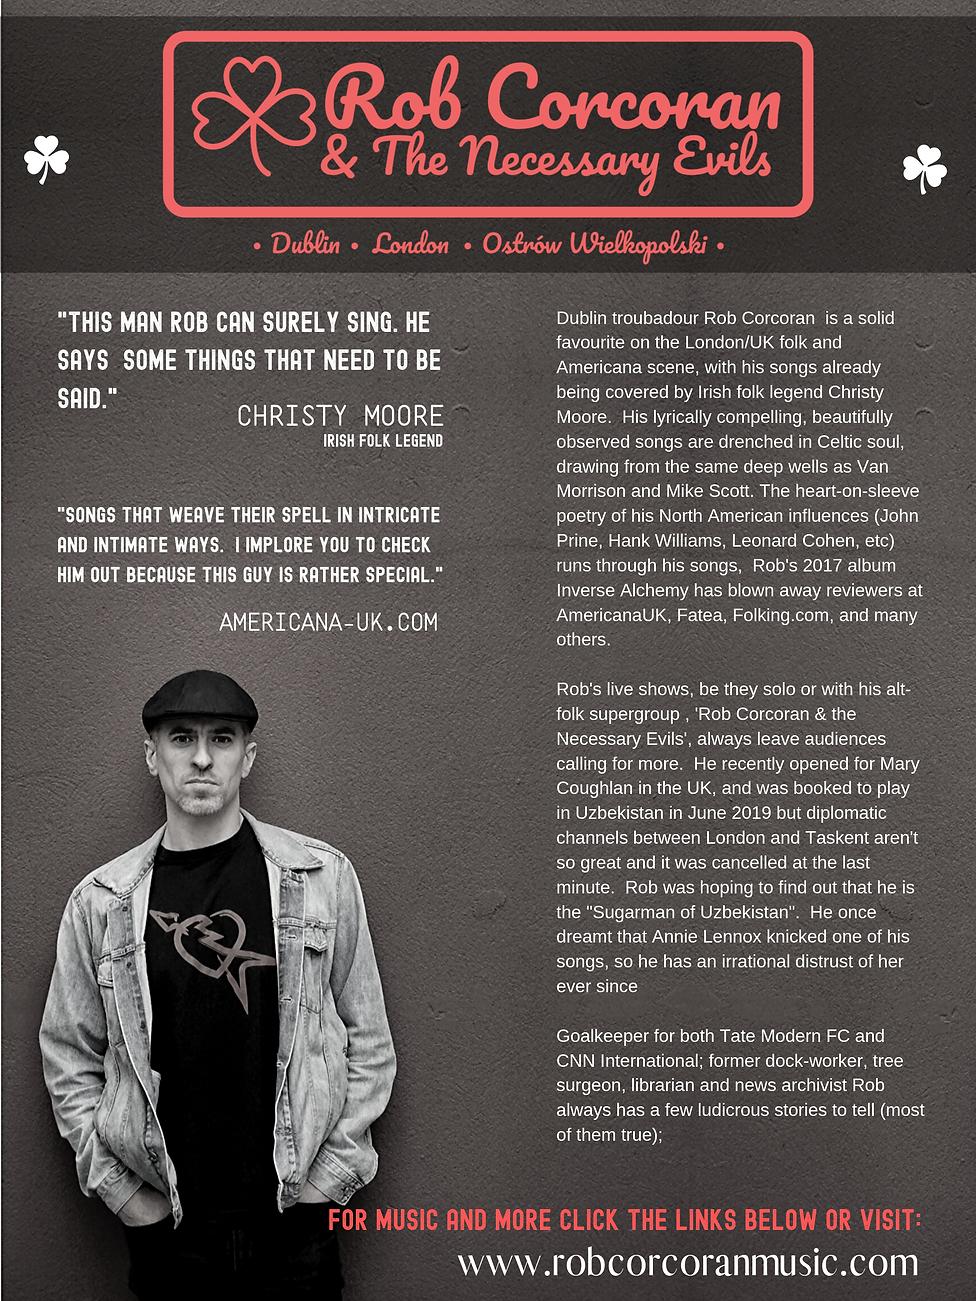 BIO FOR Dublin troubadour Rob Corcoran (